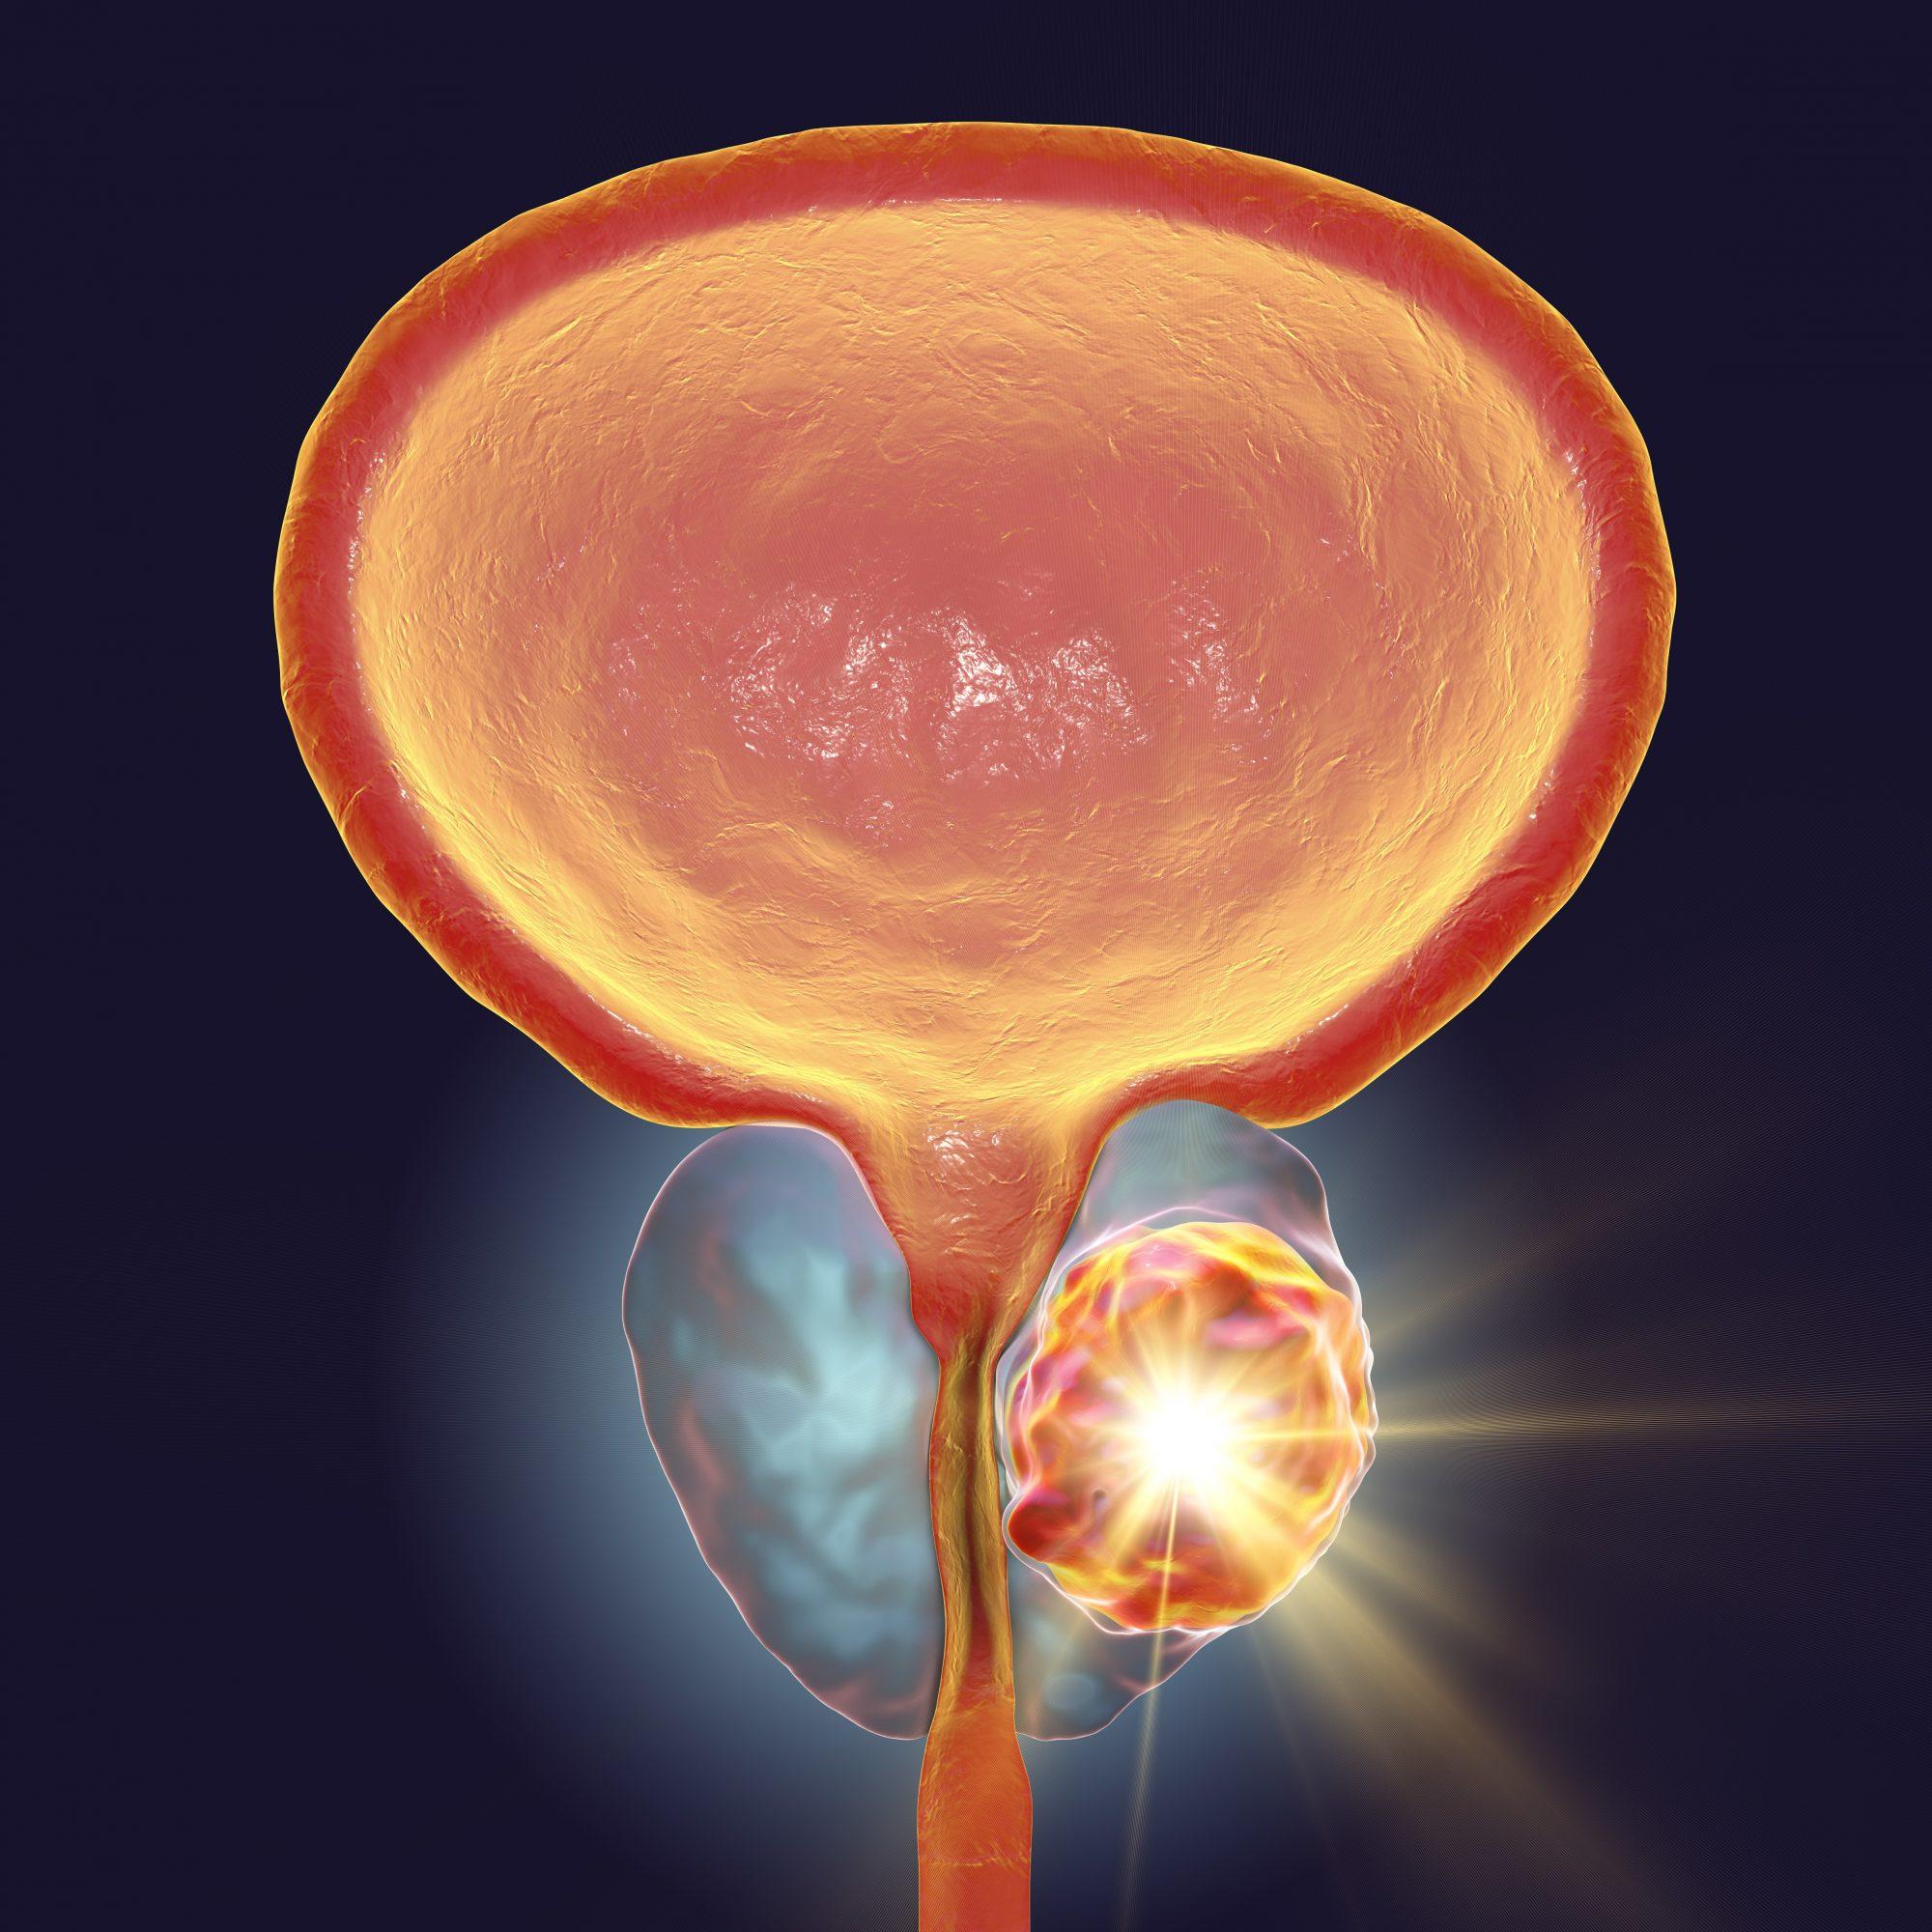 افضل-دكتور-بروستات-في-الاردن-سرطان-البروستات-عمان-التهاب-البروستاتا-احتقان